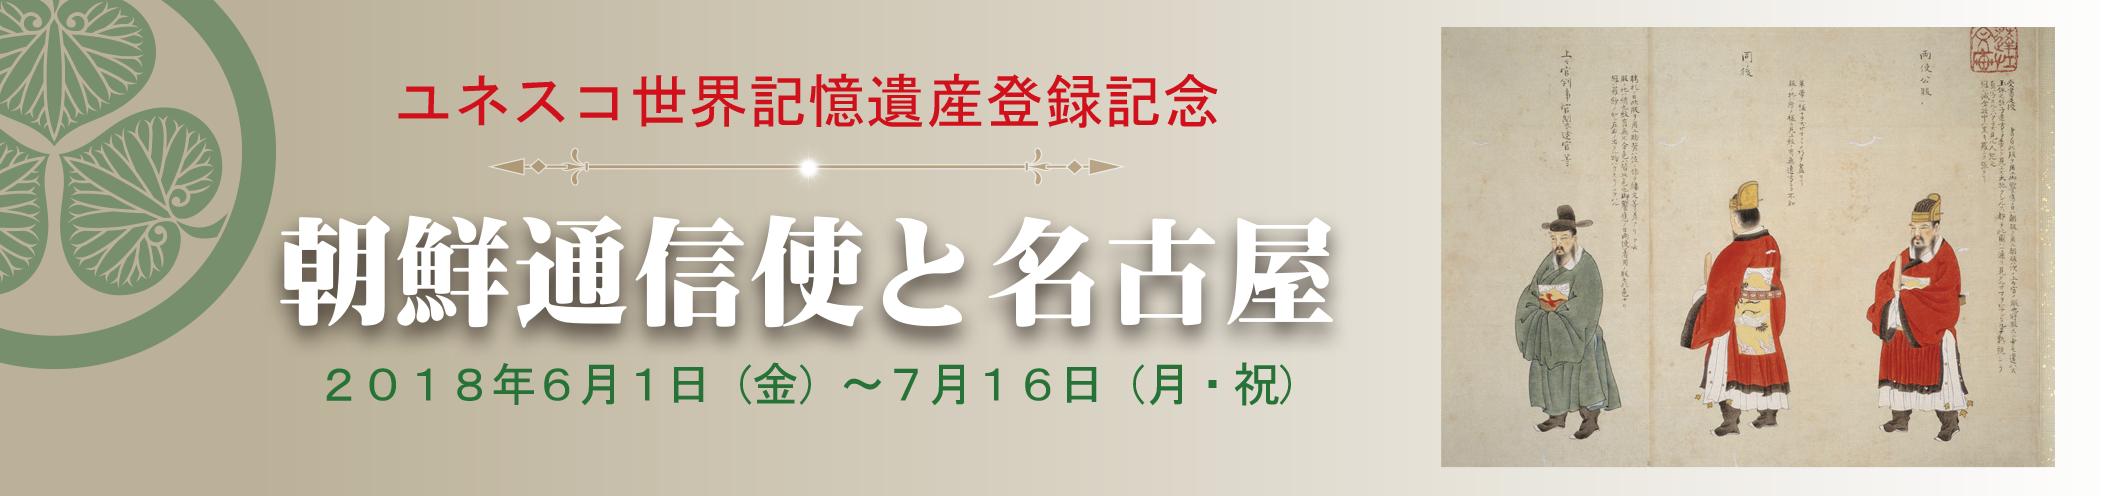 ユネスコ世界記憶遺産登録記念<br>朝鮮通信使と名古屋